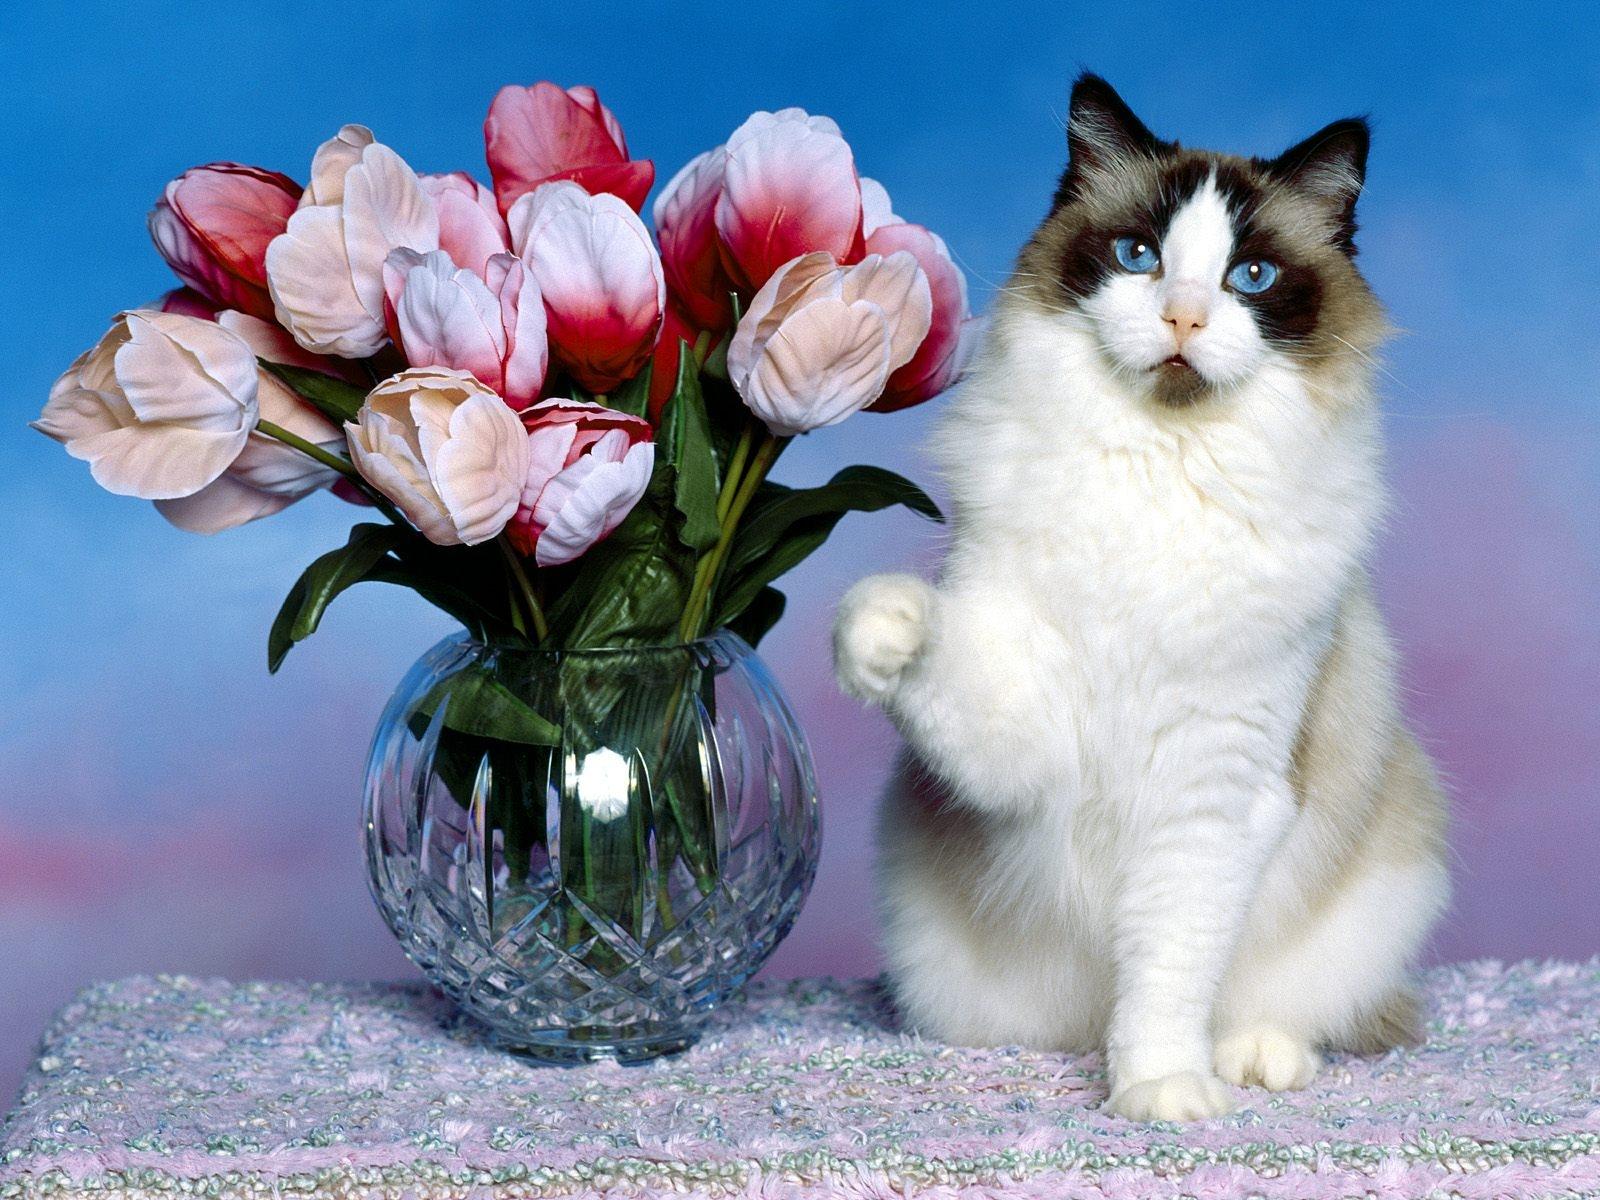 Обои на рабочий стол кошки с цветами